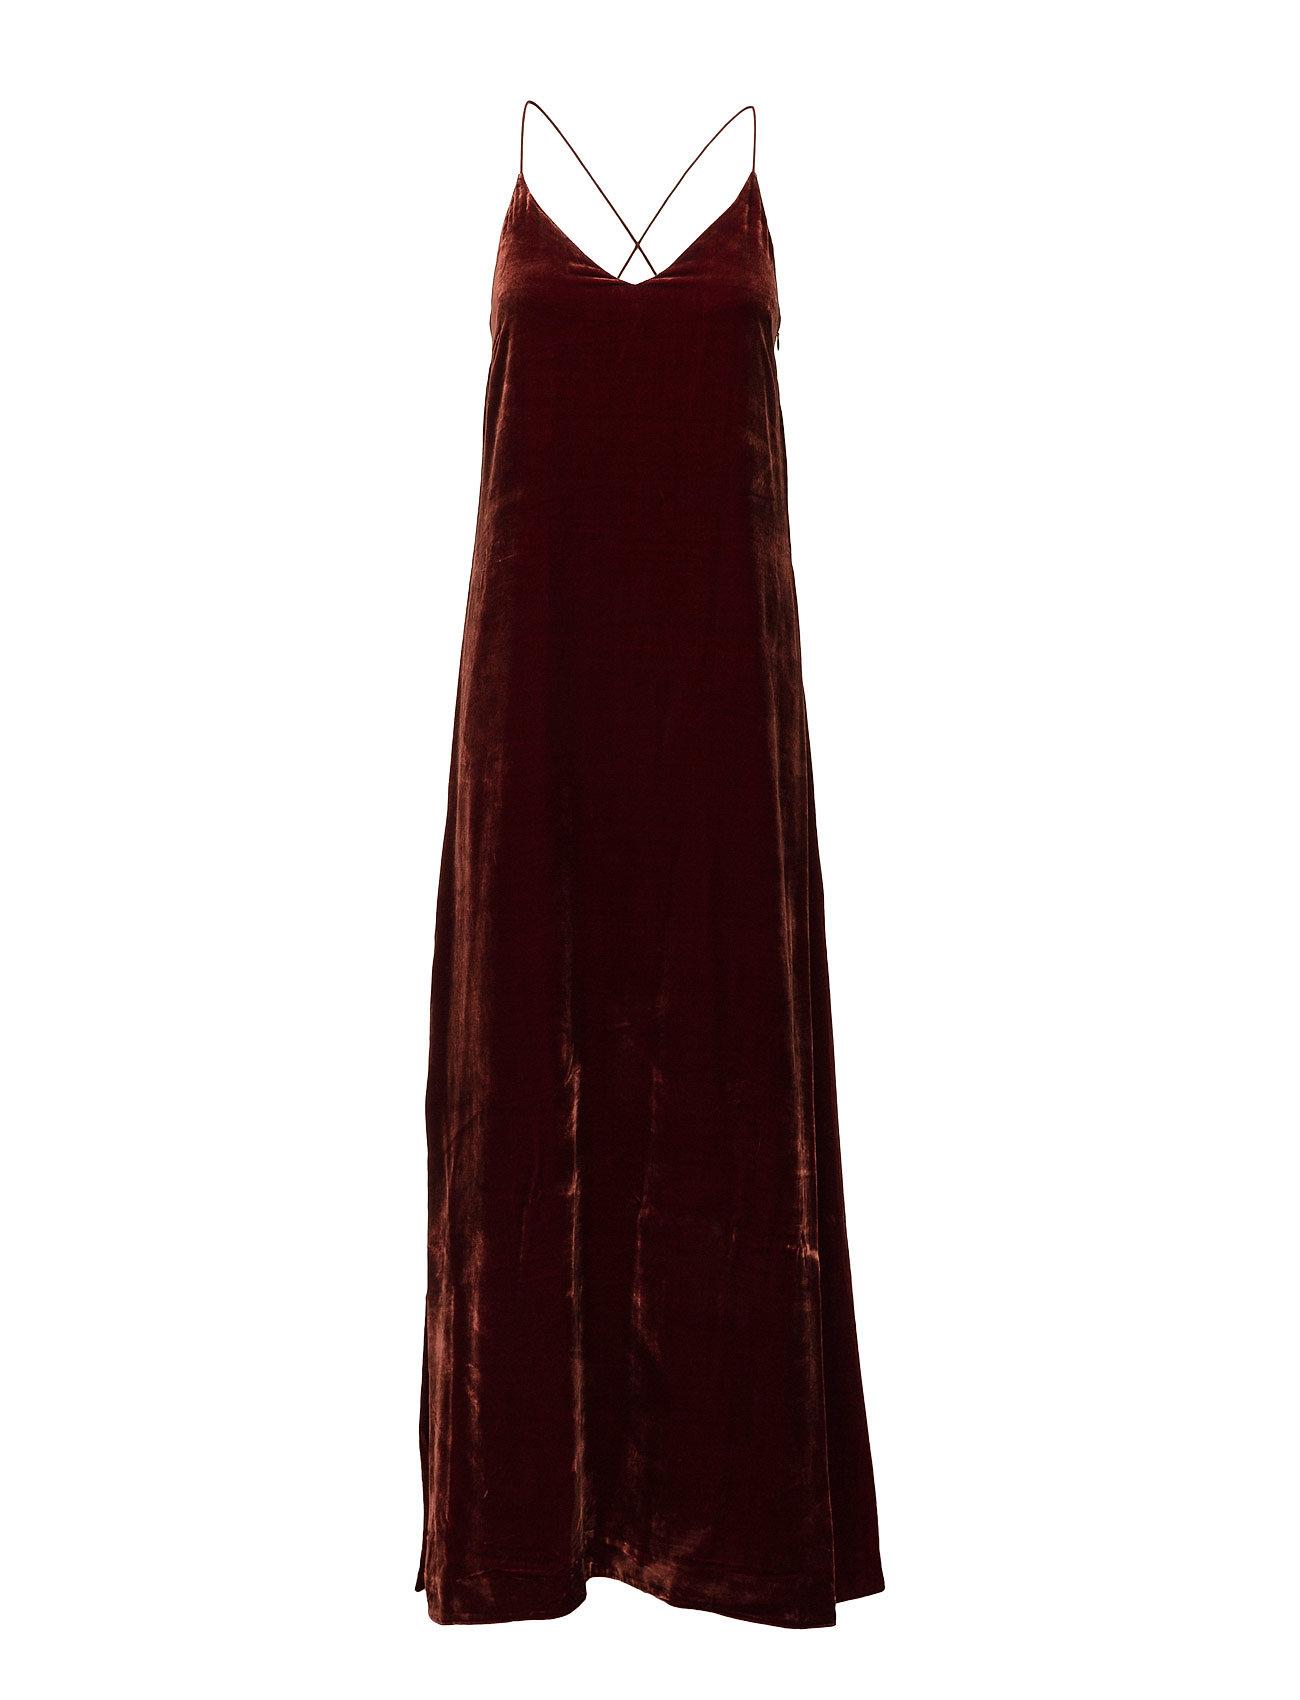 Filippa K Velvet Strap Dress - WARM RED